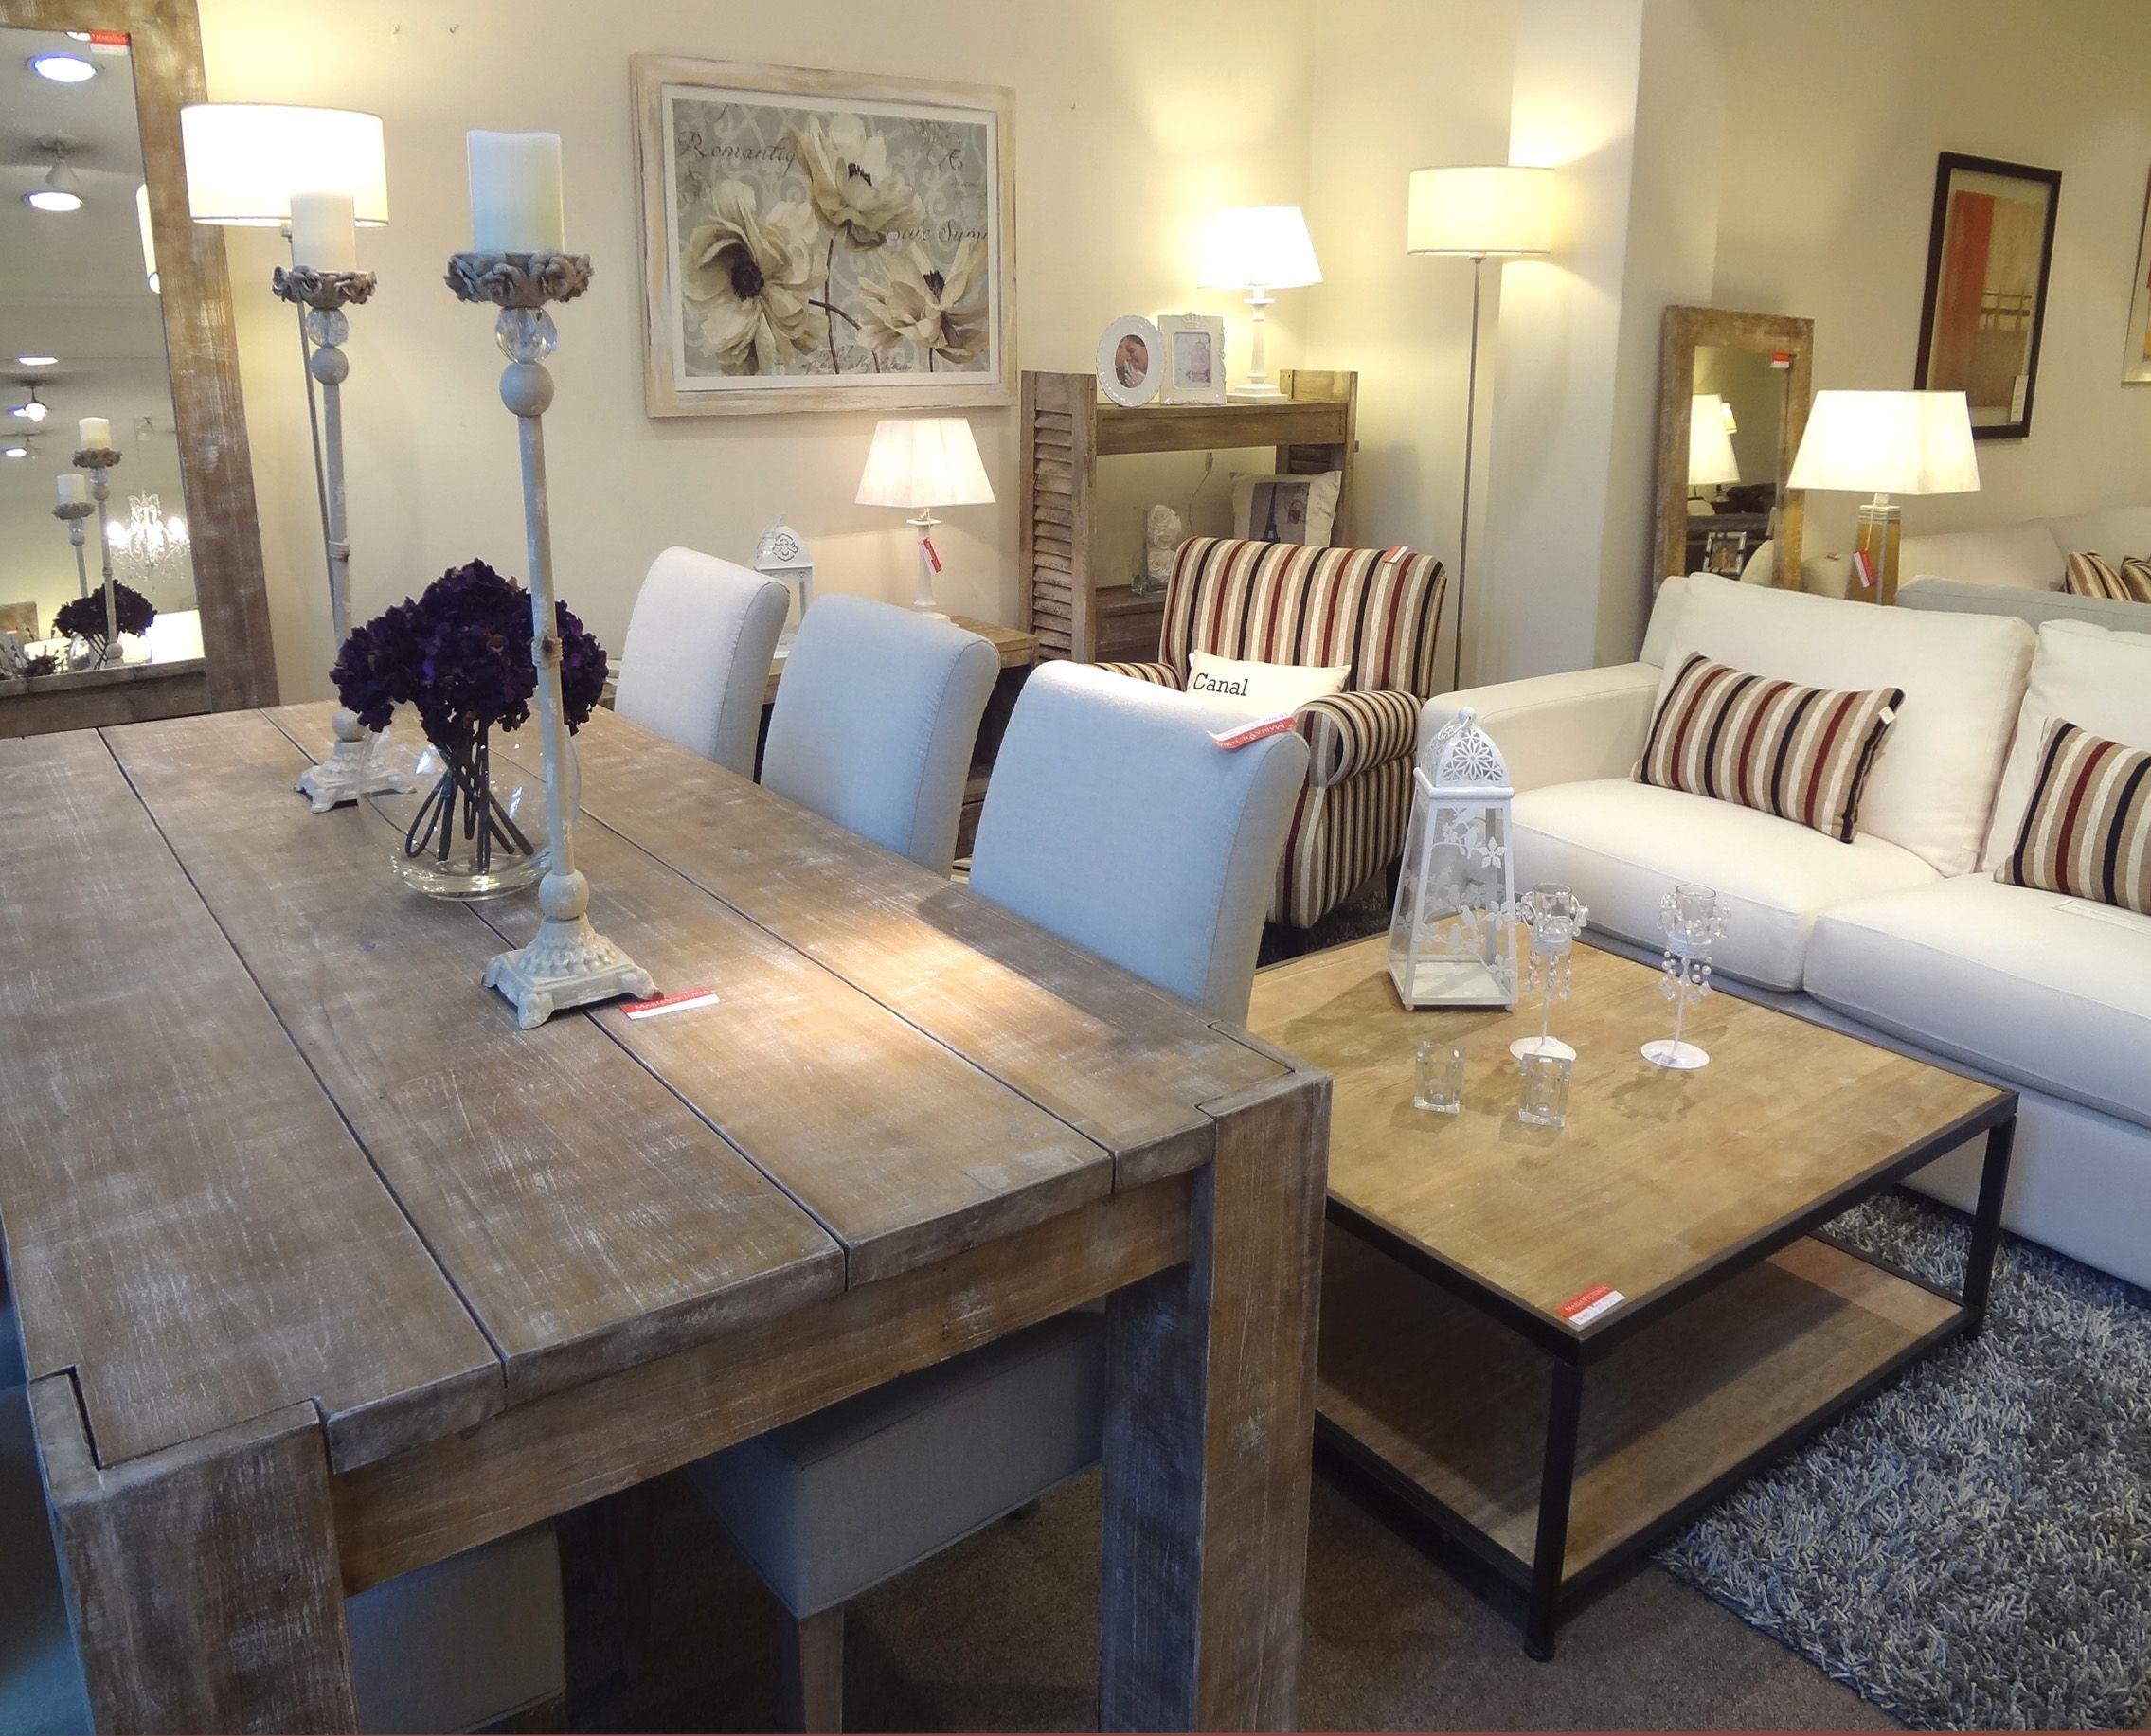 Mesa r stica con sillas torino atr s mesa de centro en for Mesas de centro rusticas